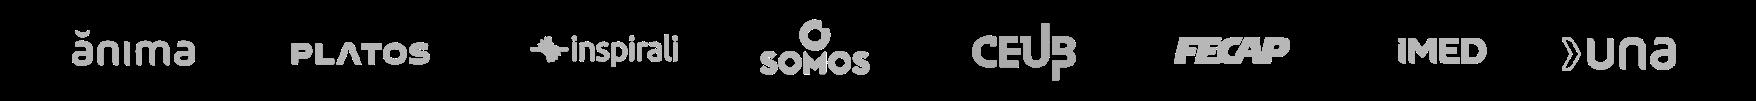 plataforma de criação de materiais didáticos - clientes